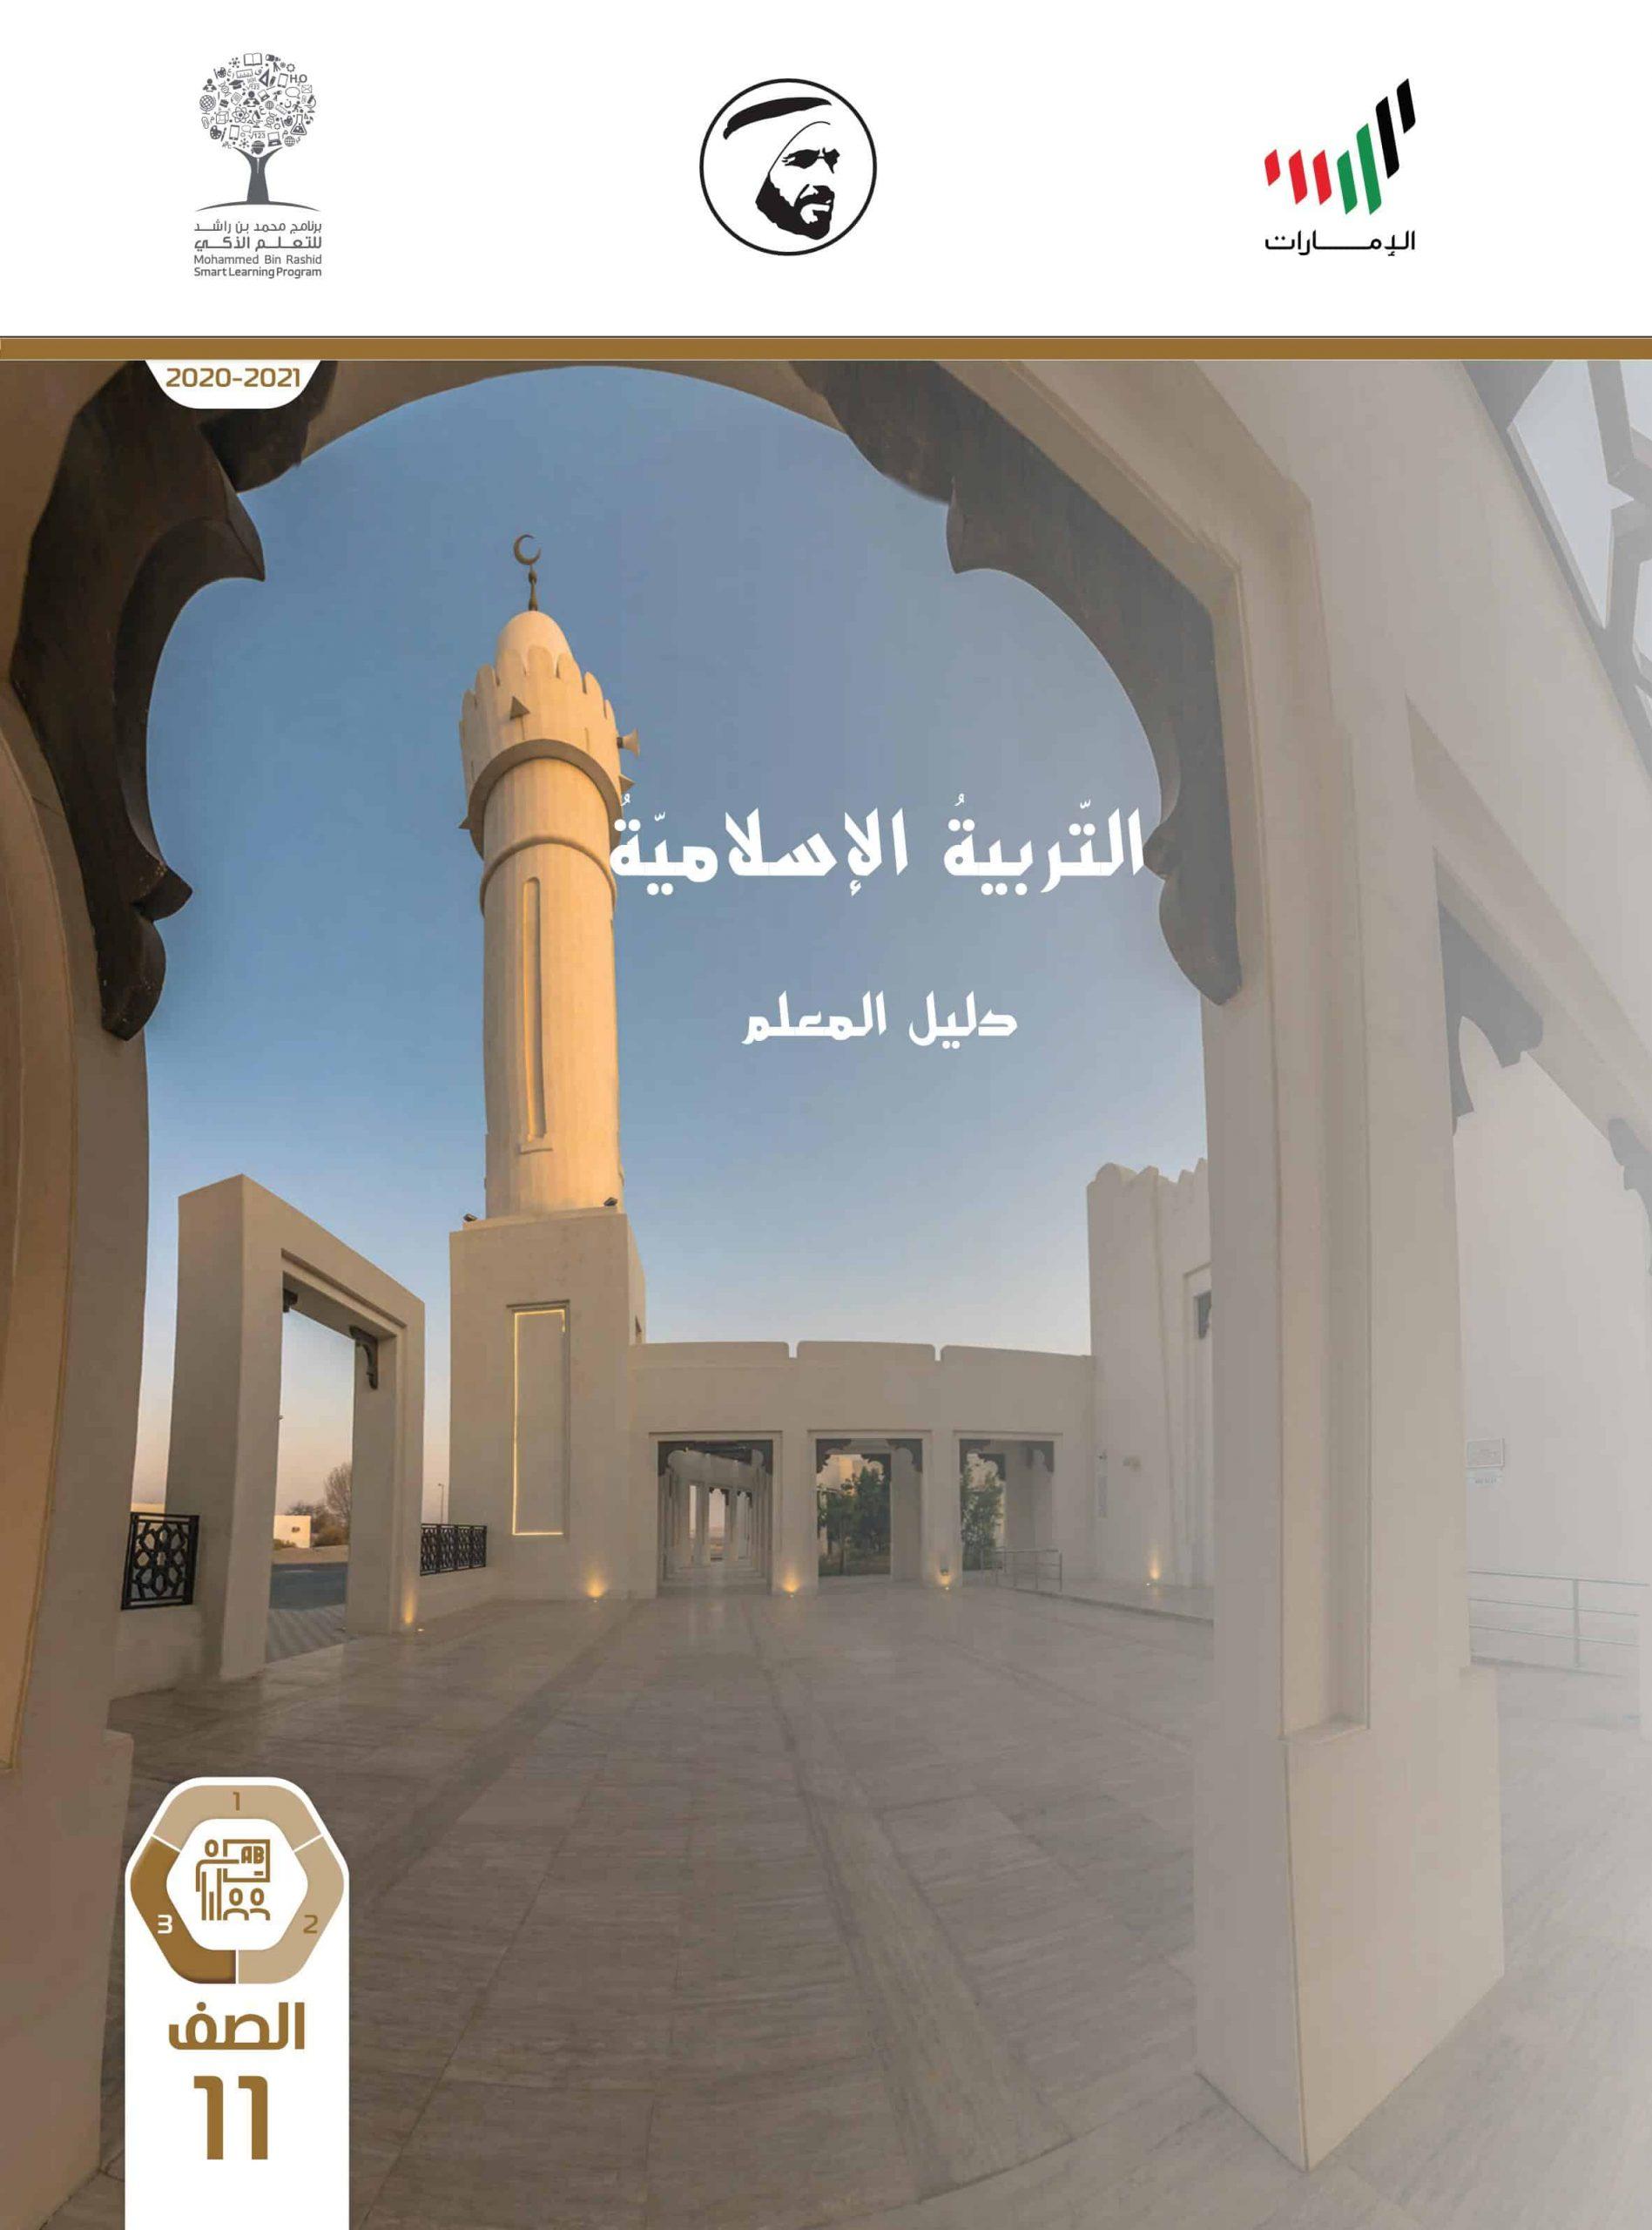 دليل المعلم الفصل الدراسي الثالث 2020-2021 الصف الحادي عشر مادة التربية الإسلامية